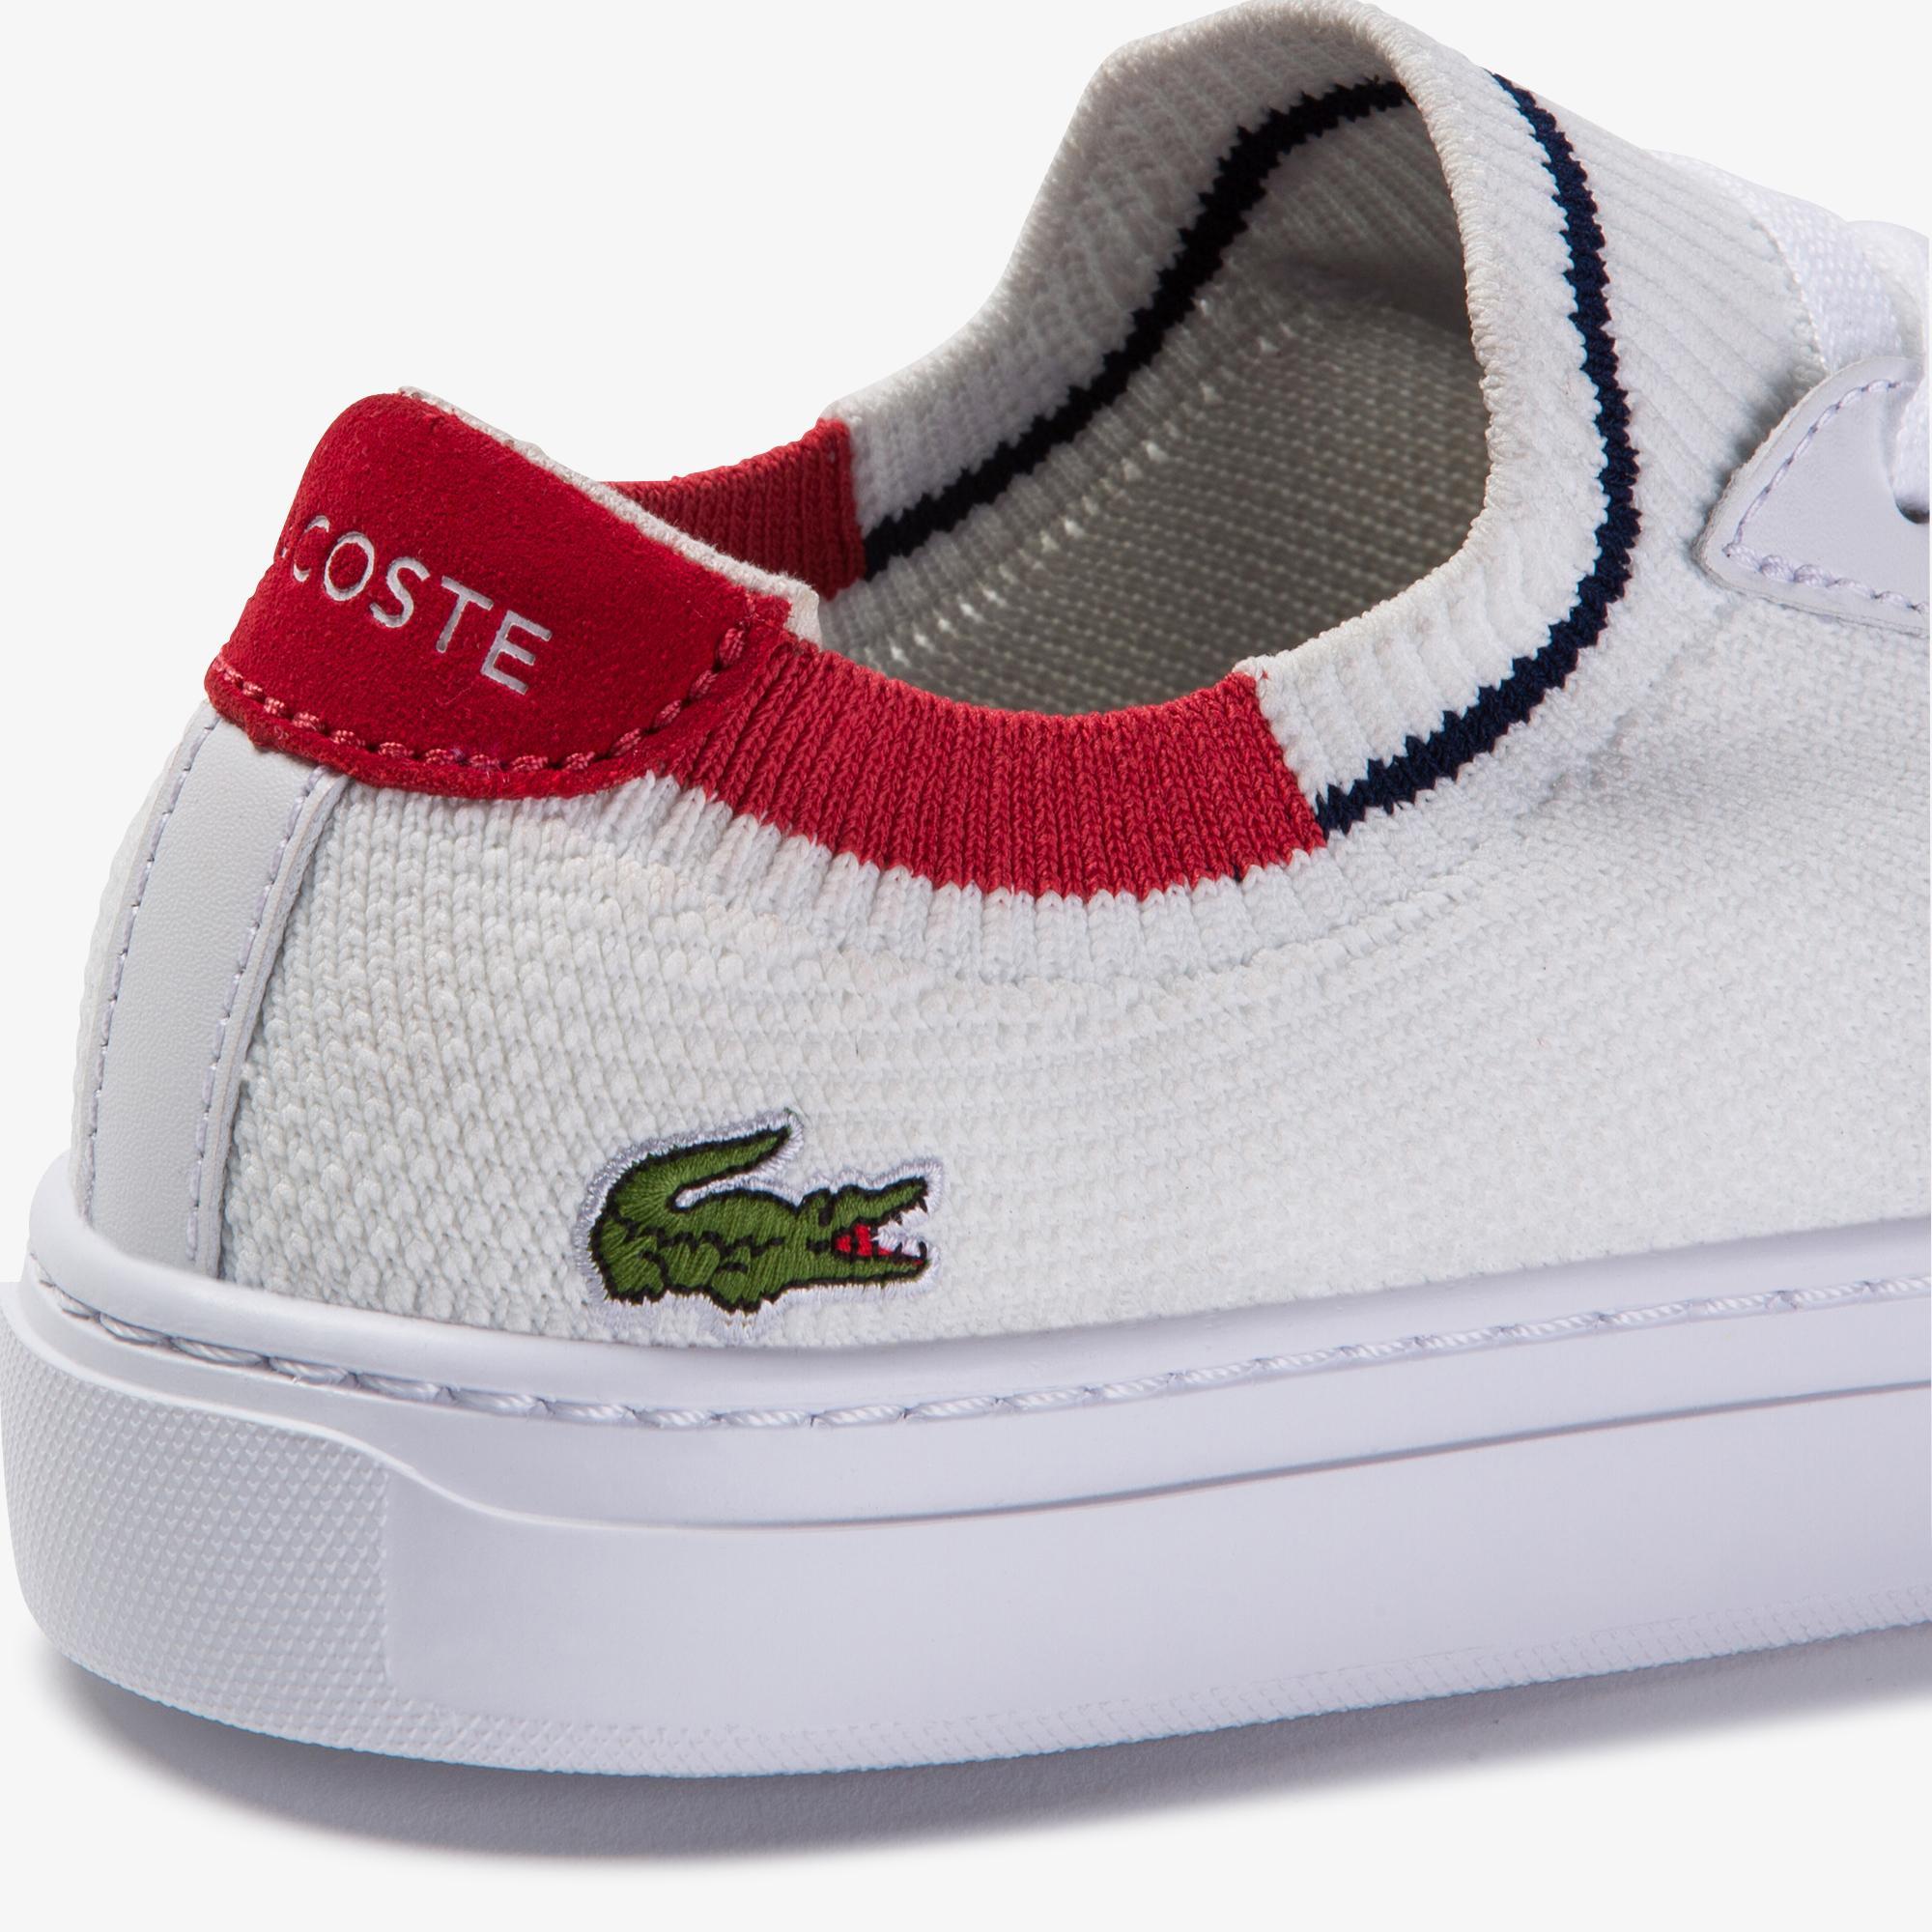 Lacoste Damskie buty La Pıquee 120 1 Cfa